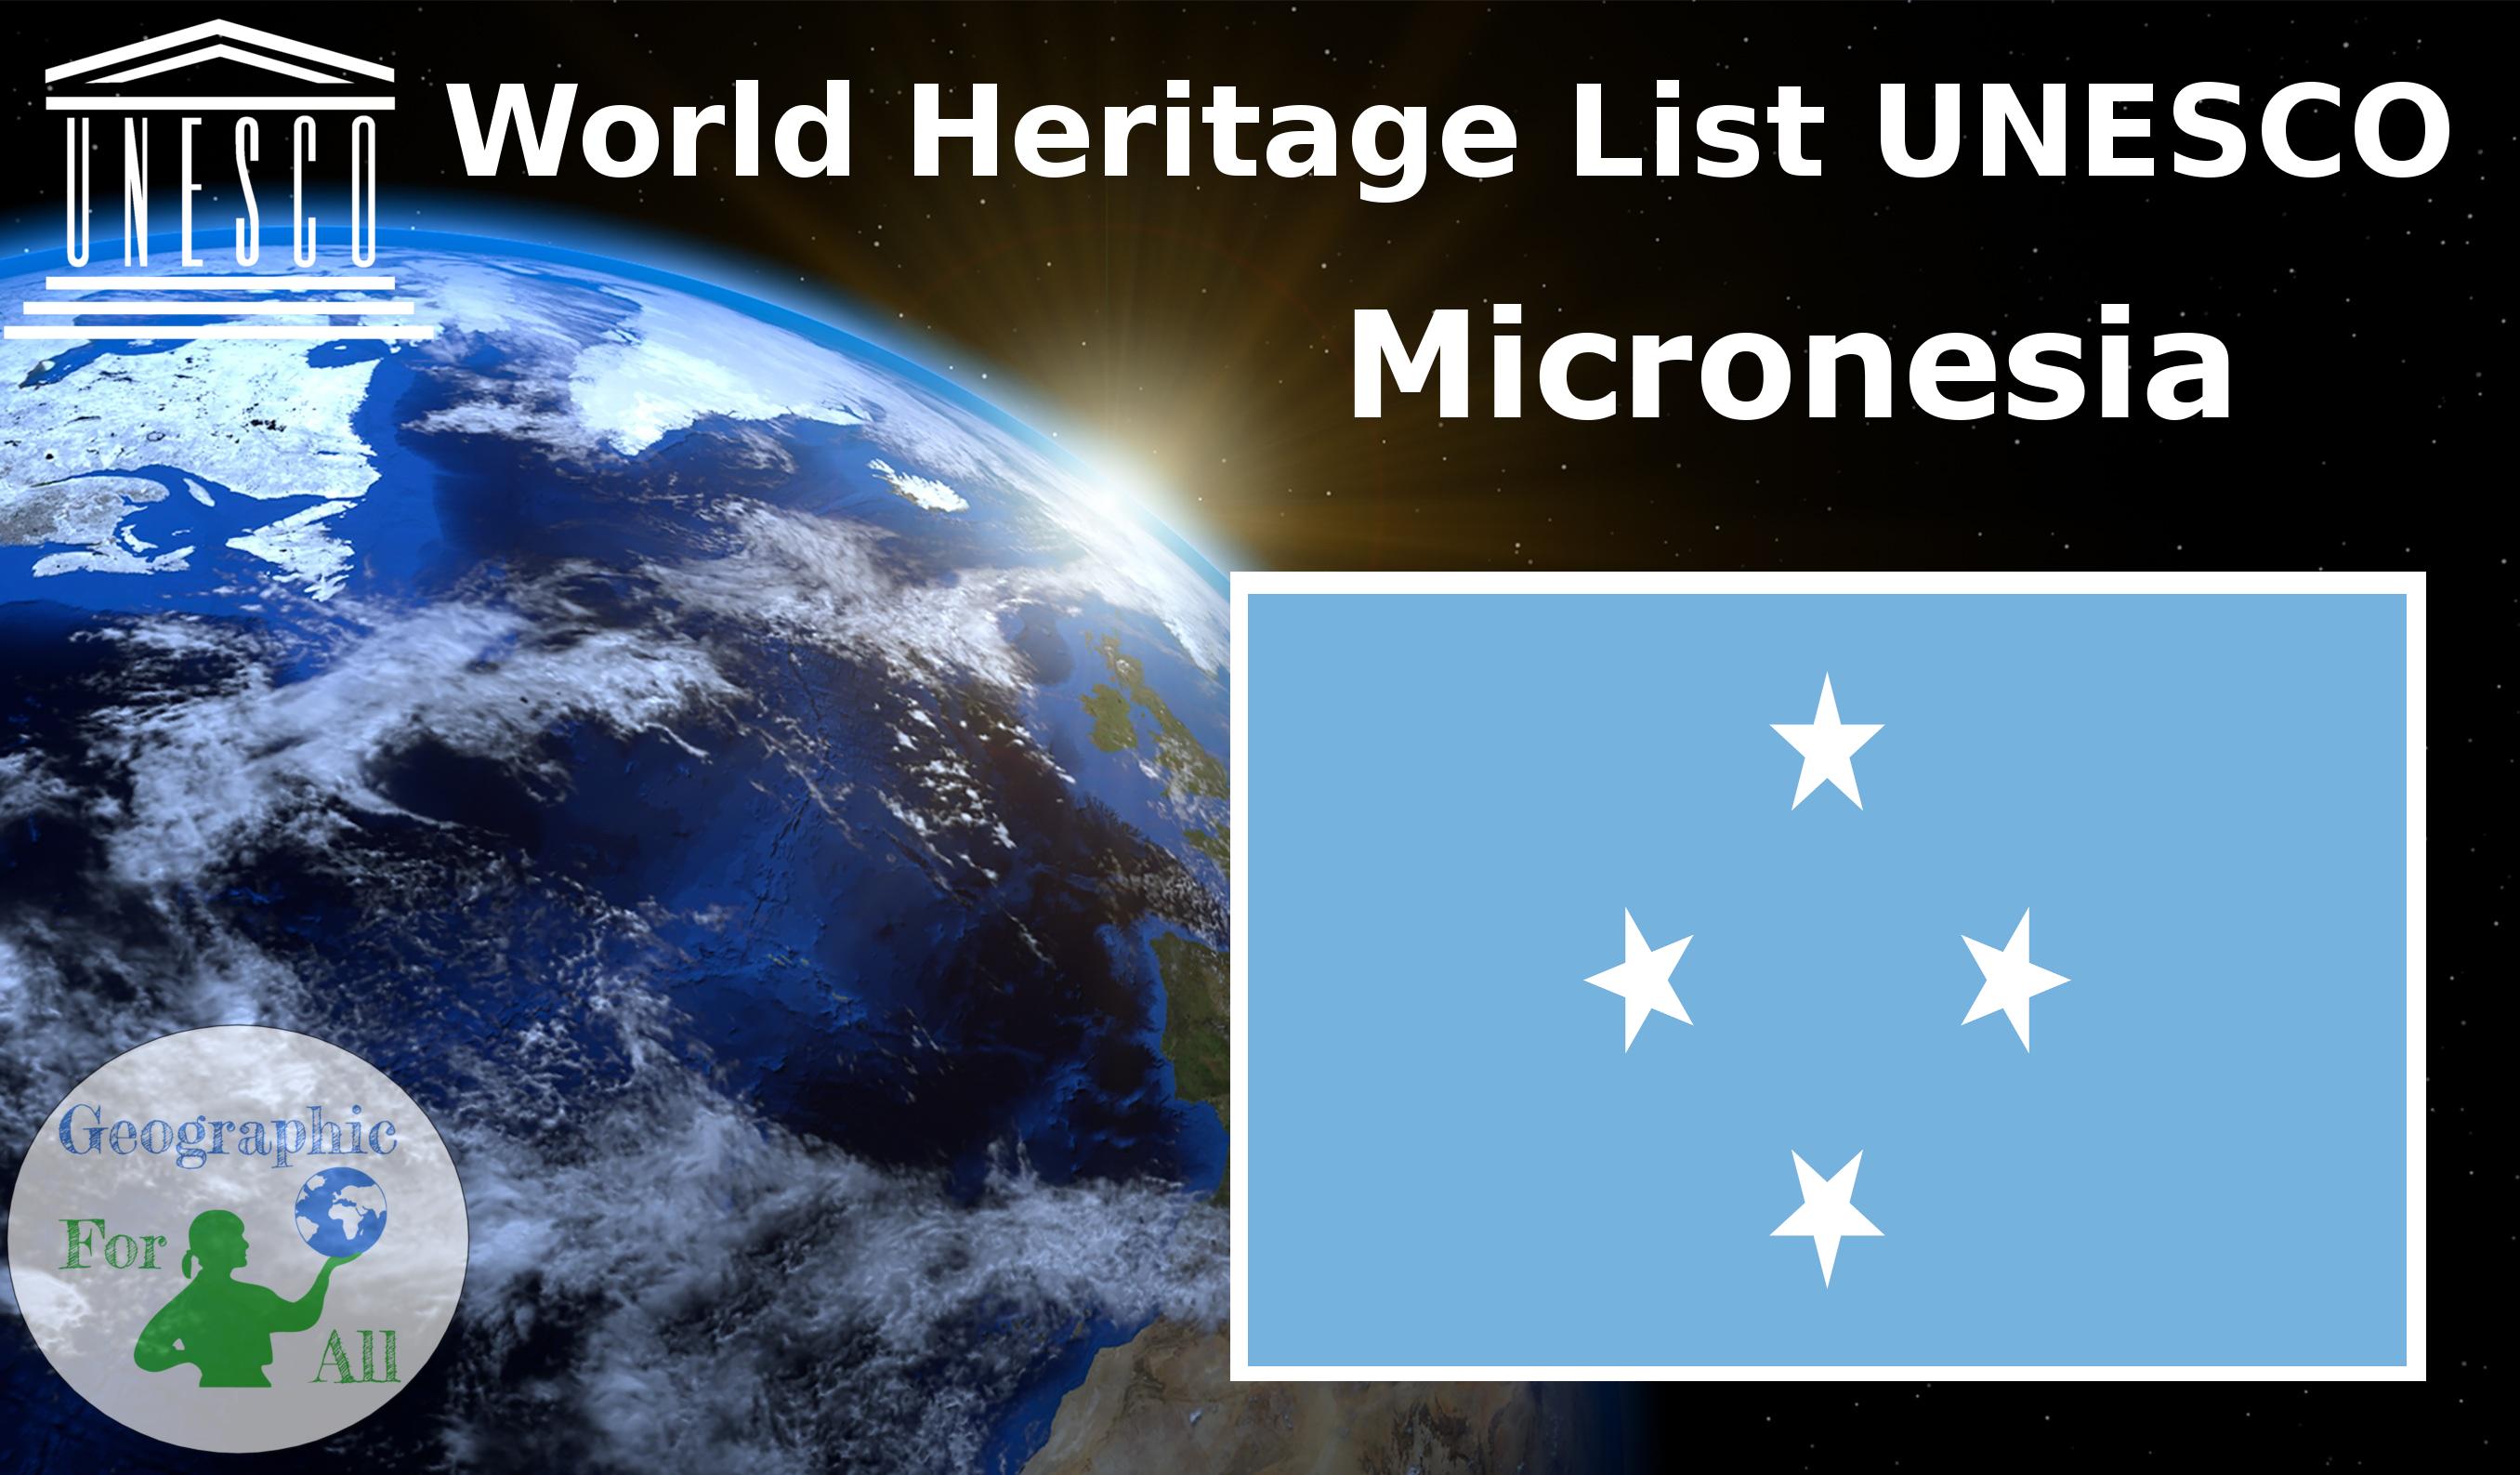 World Heritage List UNESCO - Micronesia